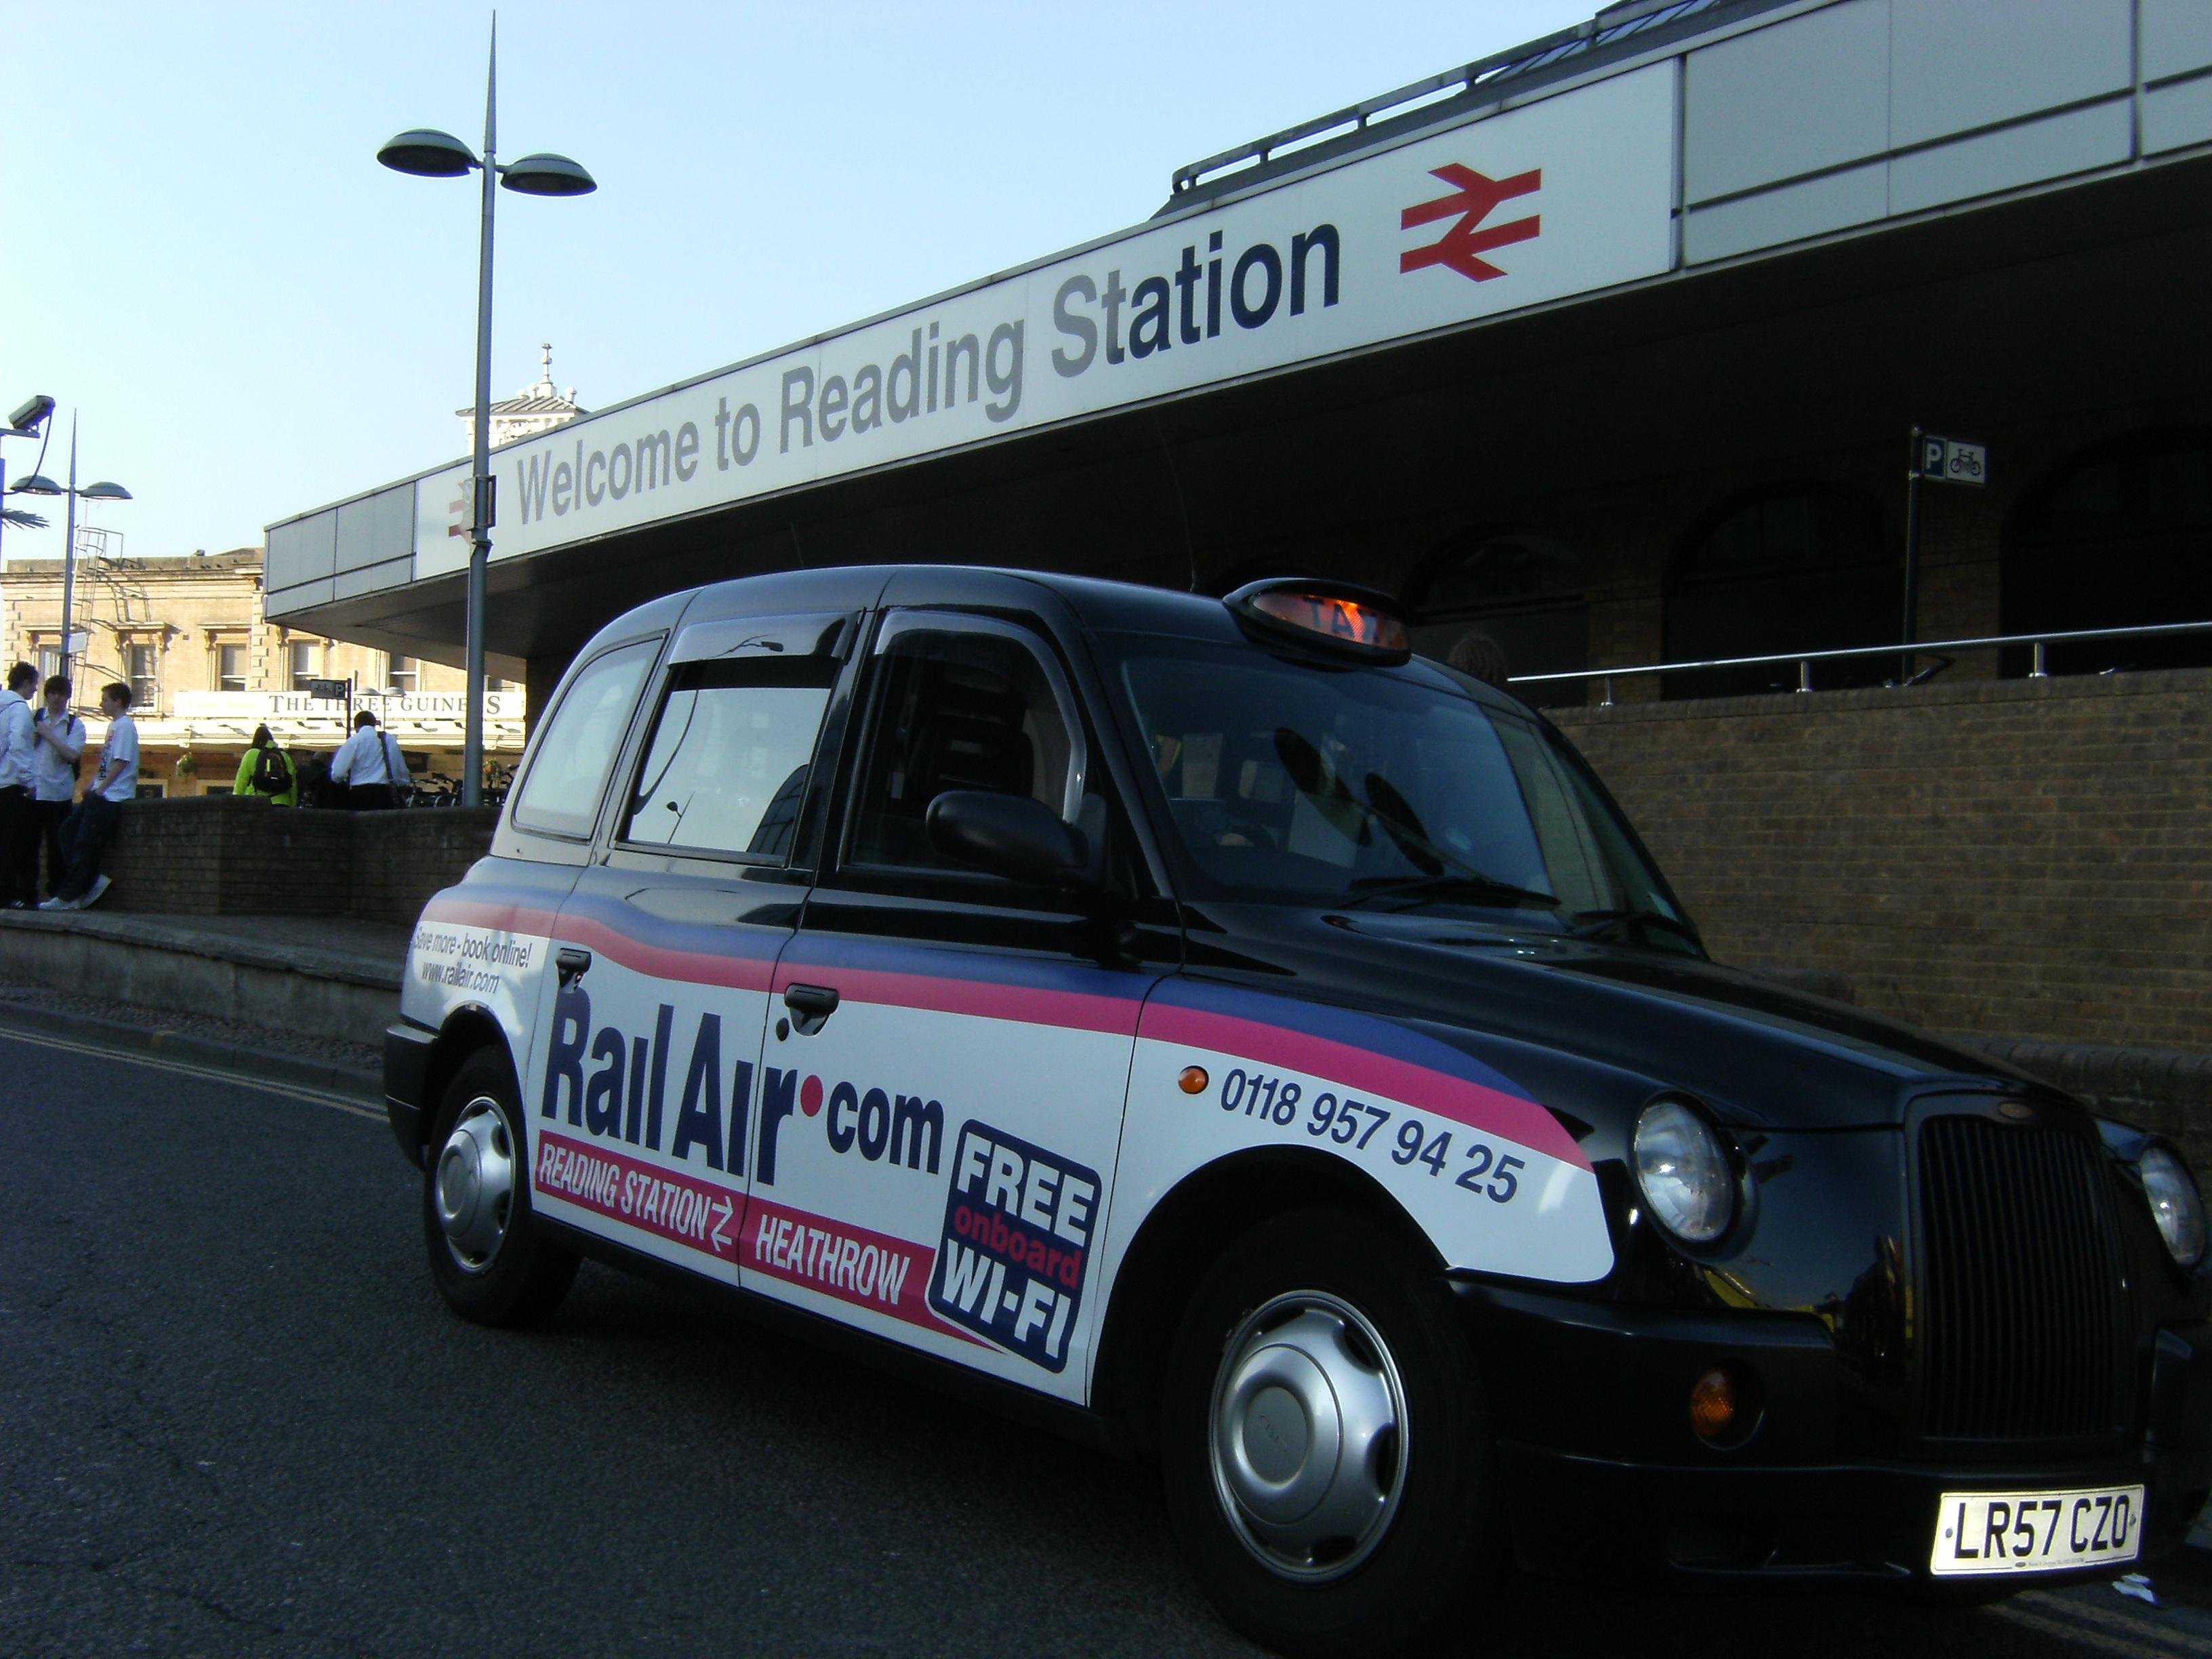 2010 Ubiquitous taxi advertising campaign for Rail Air - Rail Air.Com